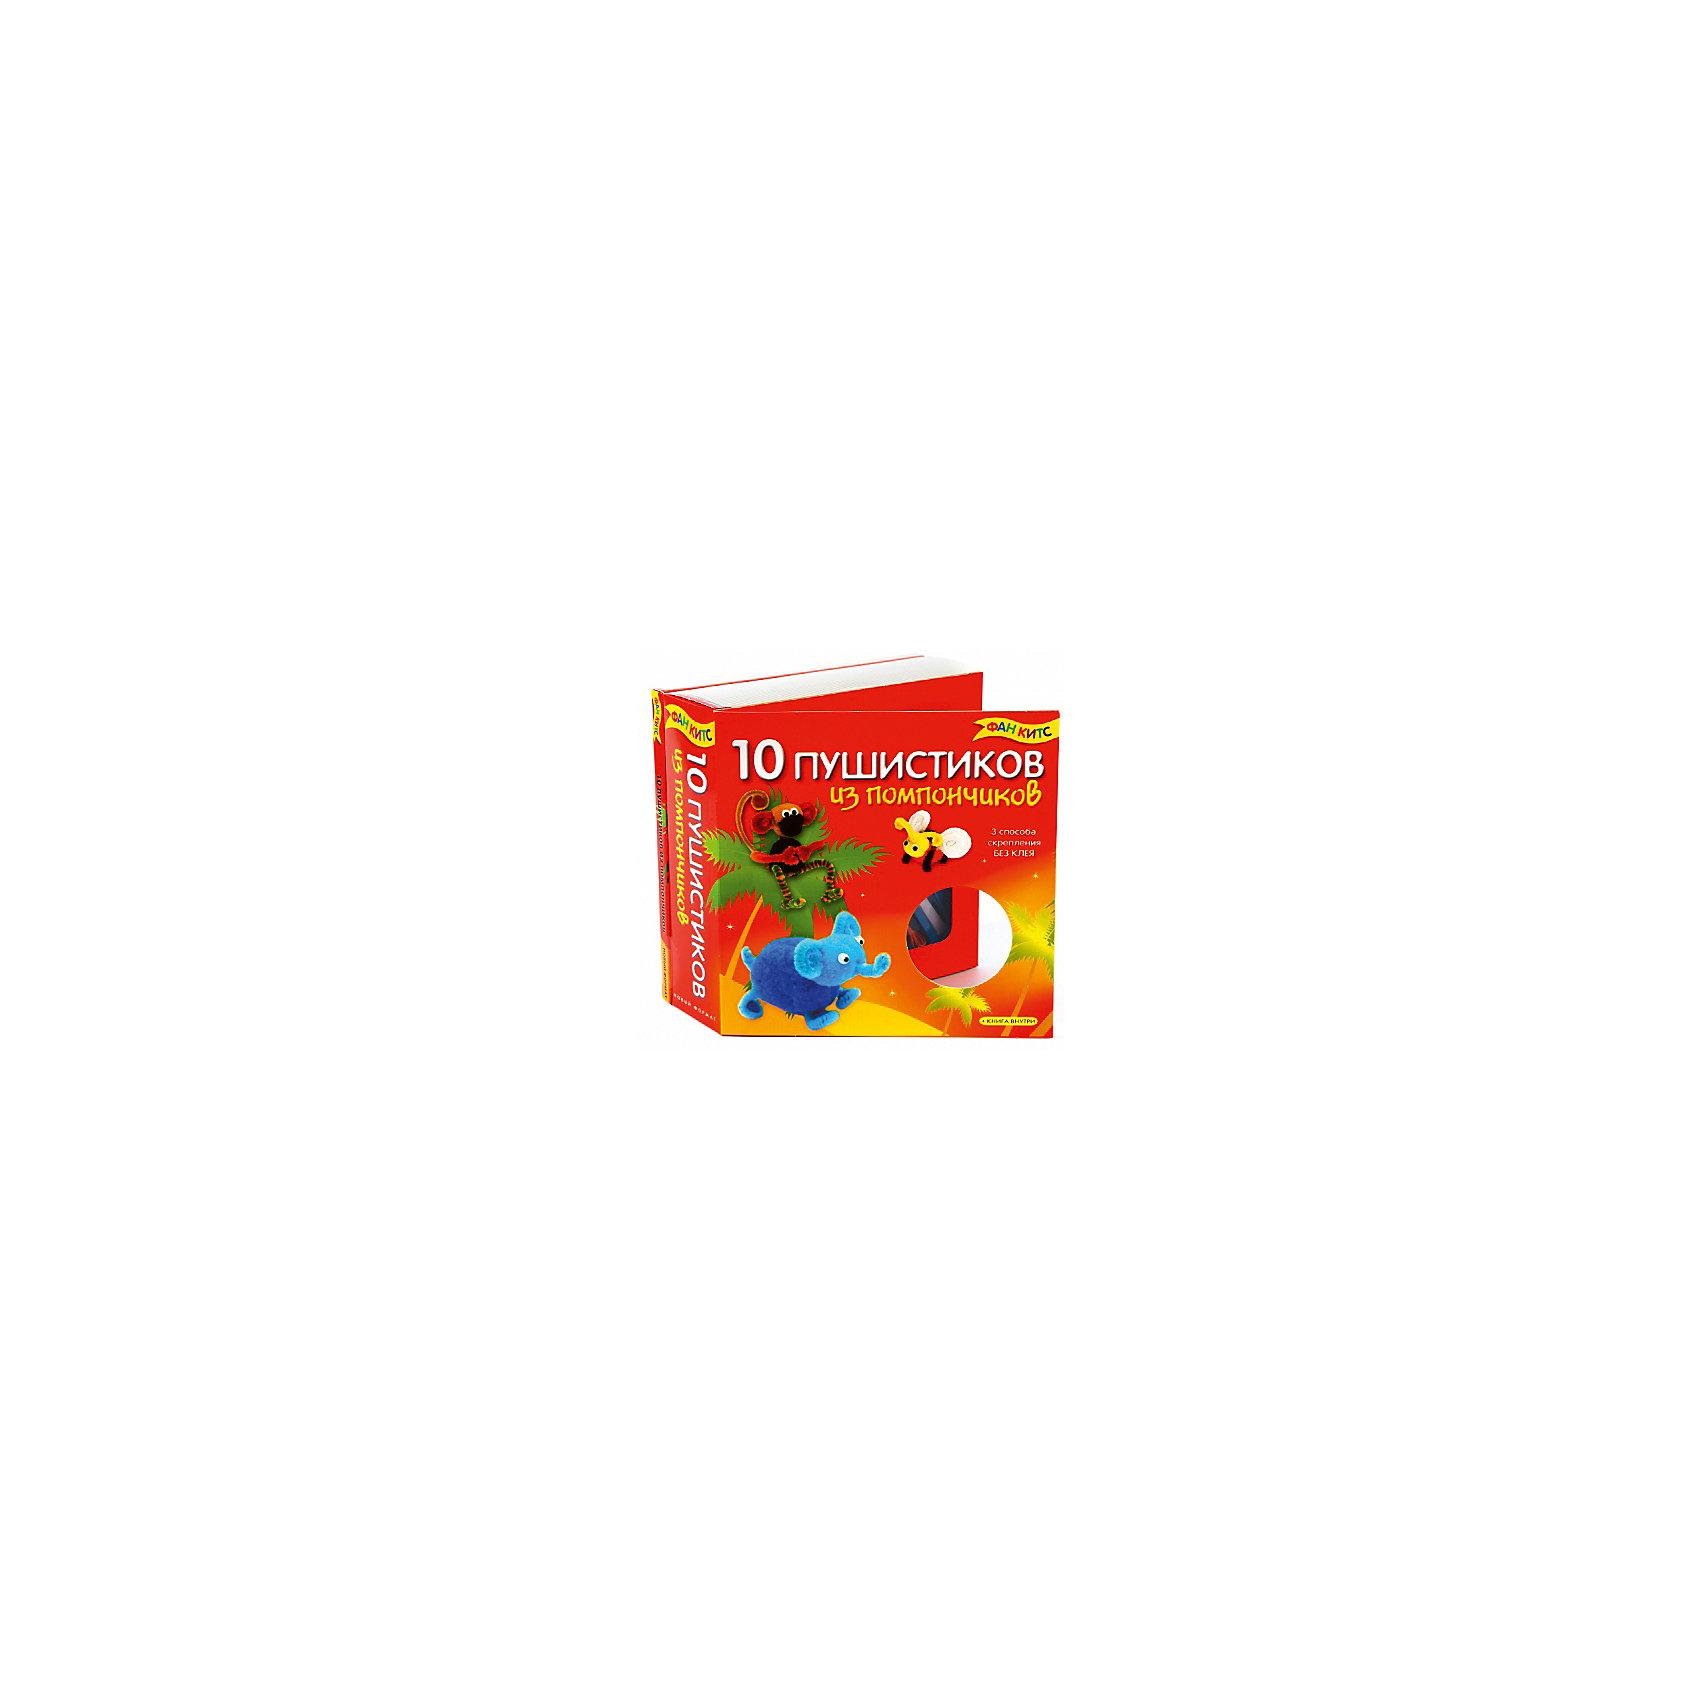 10 пушистиков из помпончиковХарактеристики товара:<br><br>• материал упаковки: картон<br>• возраст: 3+<br>• комплектация: книга, помпоны, проволока, пластиковые глазки <br>• страна производства: Китай<br><br>Создание игрушек своими руками – увлекательное занятие. Благодаря новому набору ребенок вместе с родителями научится создавать пушистых зверят из помпонов. Книга содержит 10 уроков творчества. Занятия такого плана развивают мелкую моторику малыша и прививают аккуратность. Готовые зверьки отлично подойдут для веселой игры. Материалы, использованные при изготовлении товара, сертифицированы и отвечают всем международным требованиям по качеству. <br><br>Набор «10 пушистиков из помпончиков» можно приобрести в нашем интернет-магазине.<br><br>Ширина мм: 170<br>Глубина мм: 170<br>Высота мм: 60<br>Вес г: 300<br>Возраст от месяцев: 36<br>Возраст до месяцев: 144<br>Пол: Женский<br>Возраст: Детский<br>SKU: 5142476